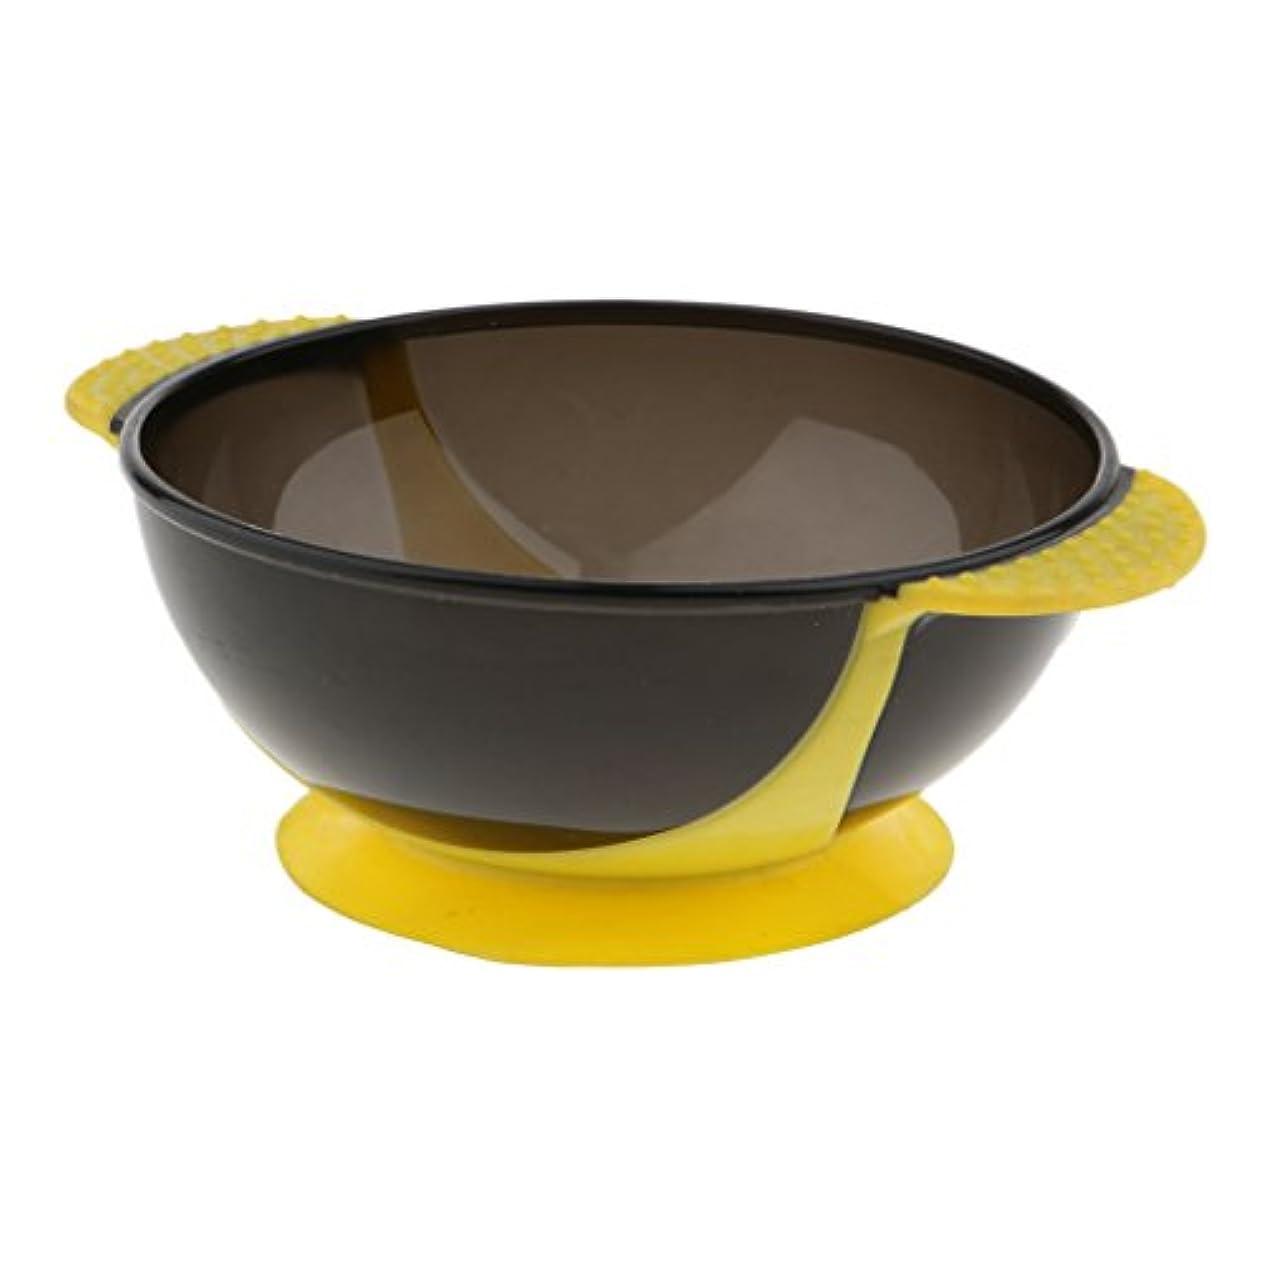 太陽操るビリーヤギヘアダイボウル 髪染めボウル ヘアカラー ヘアカラーカップ 着色ツール 吸引ベース 実用性 全3色 - 黄